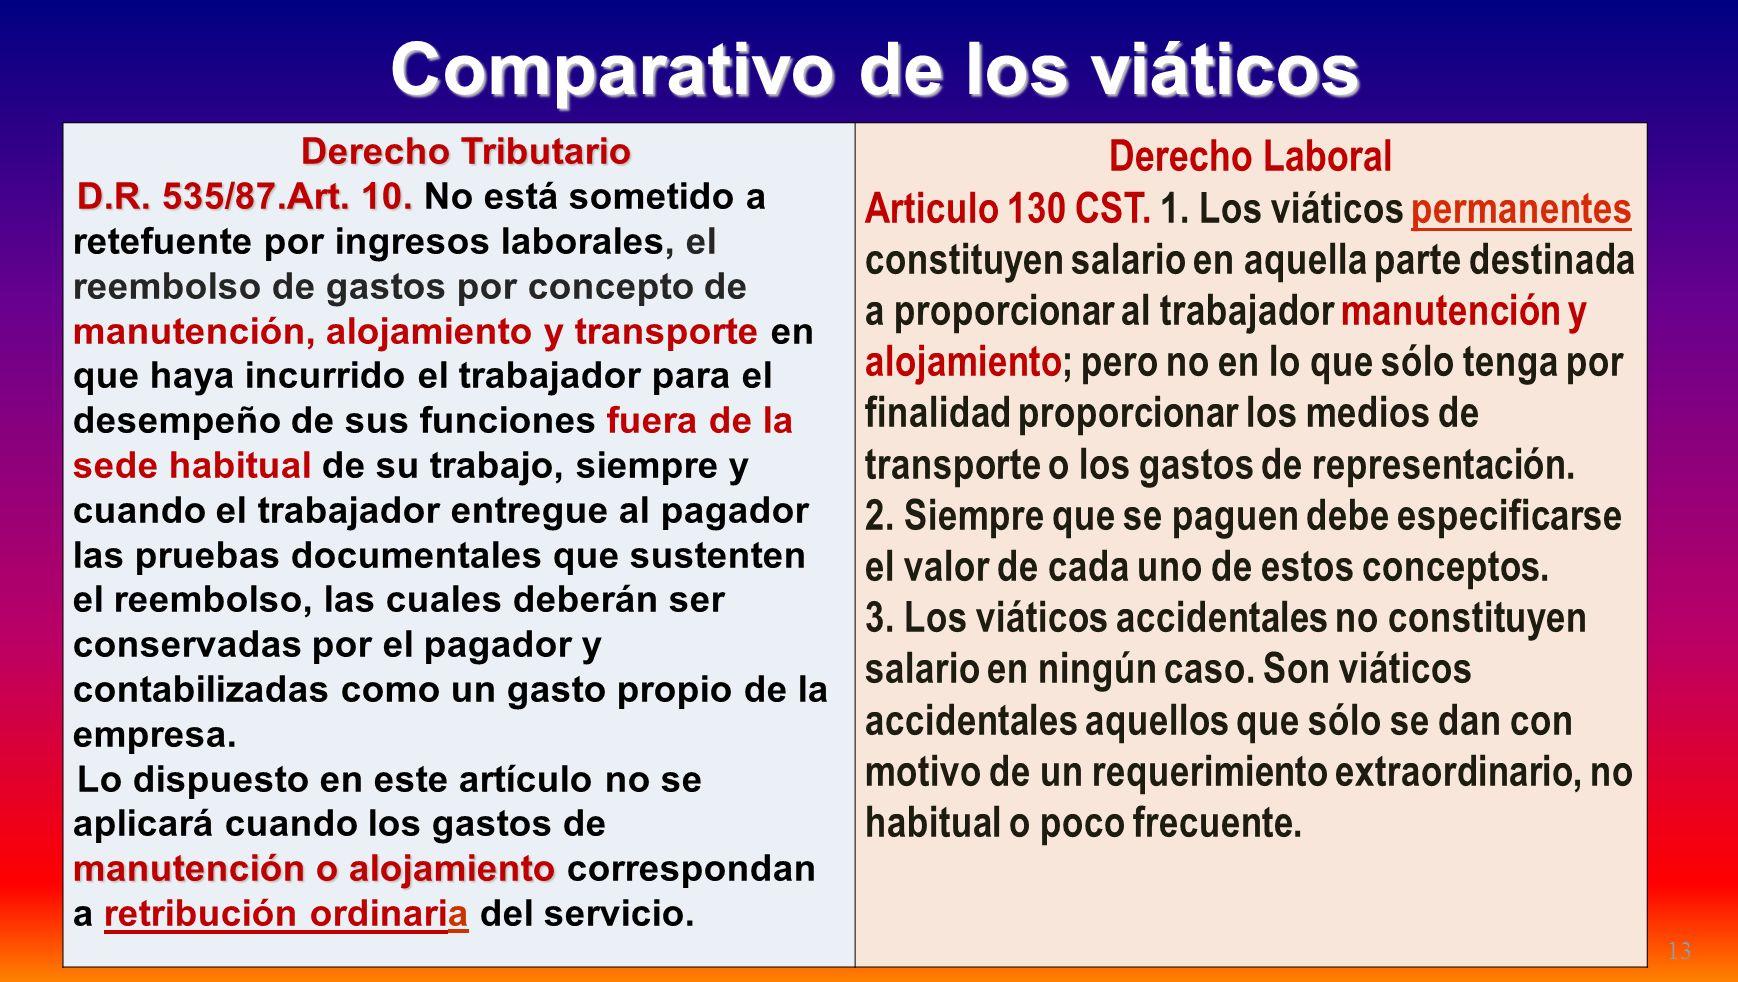 13 Comparativo de los viáticos Derecho Tributario Derecho Tributario D.R. 535/87.Art. 10. D.R. 535/87.Art. 10. No está sometido a retefuente por ingre